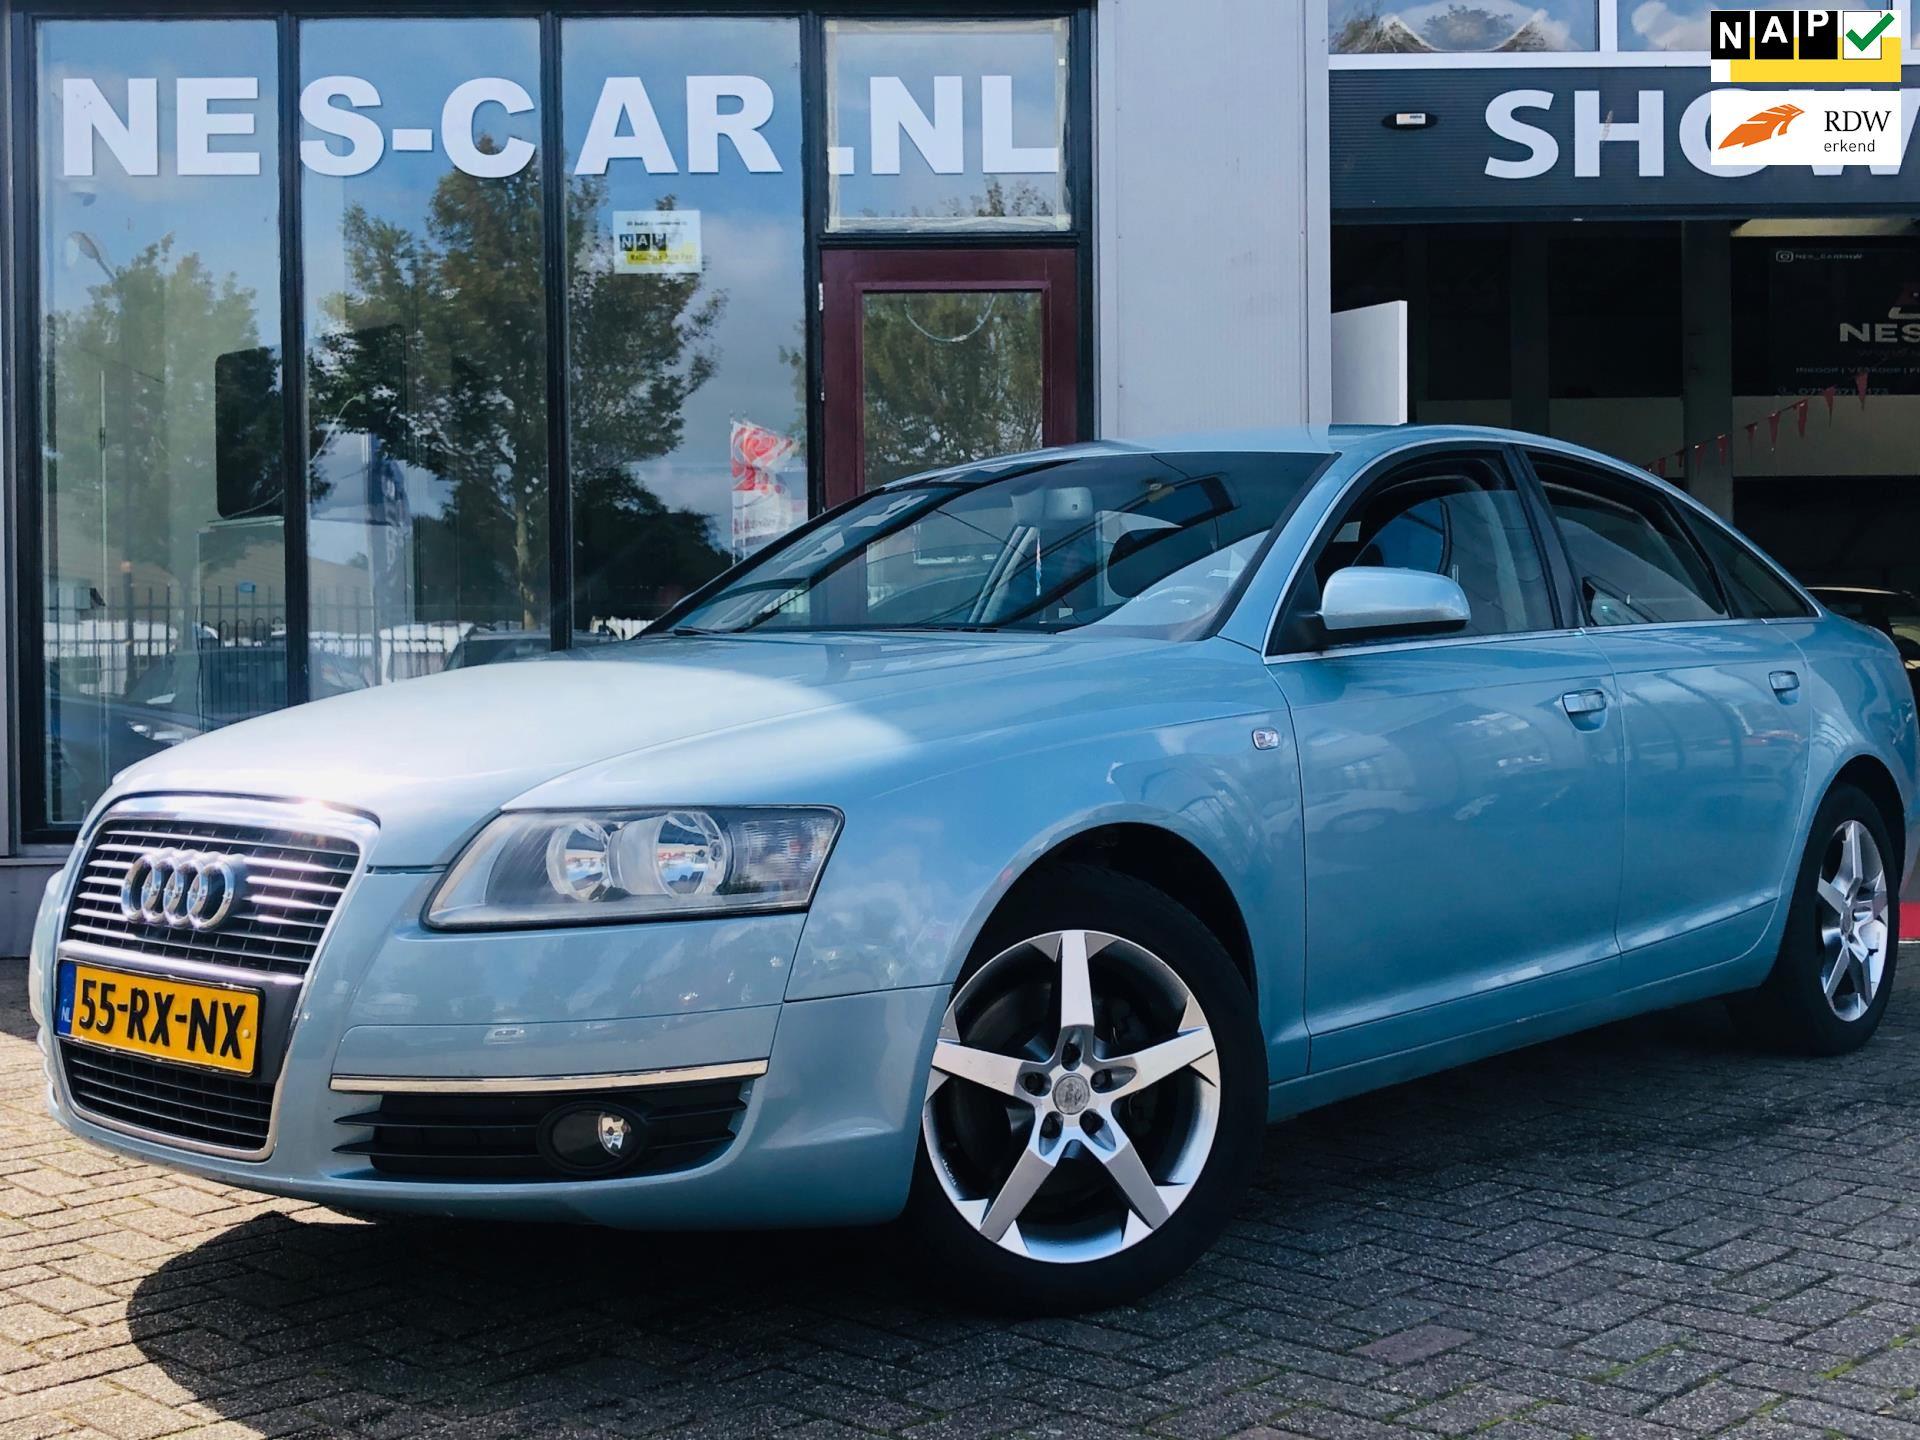 Audi A6 occasion - Nescar